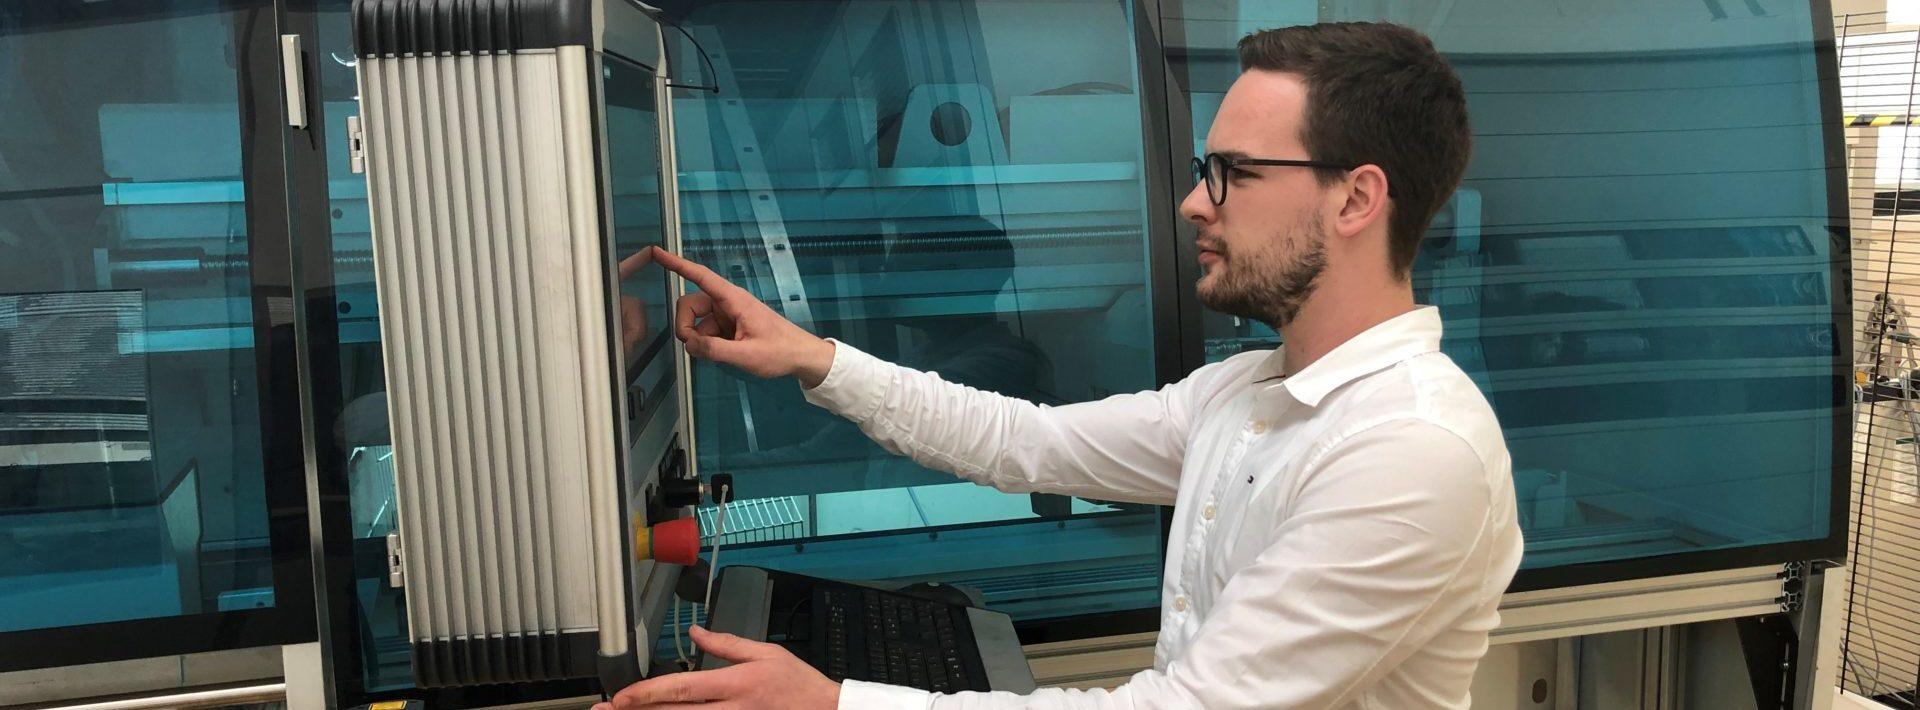 Benutzerfreundliche Human Machine Interfaces zeichnen sich durch besonders leichte Bedienbarkeit aus.